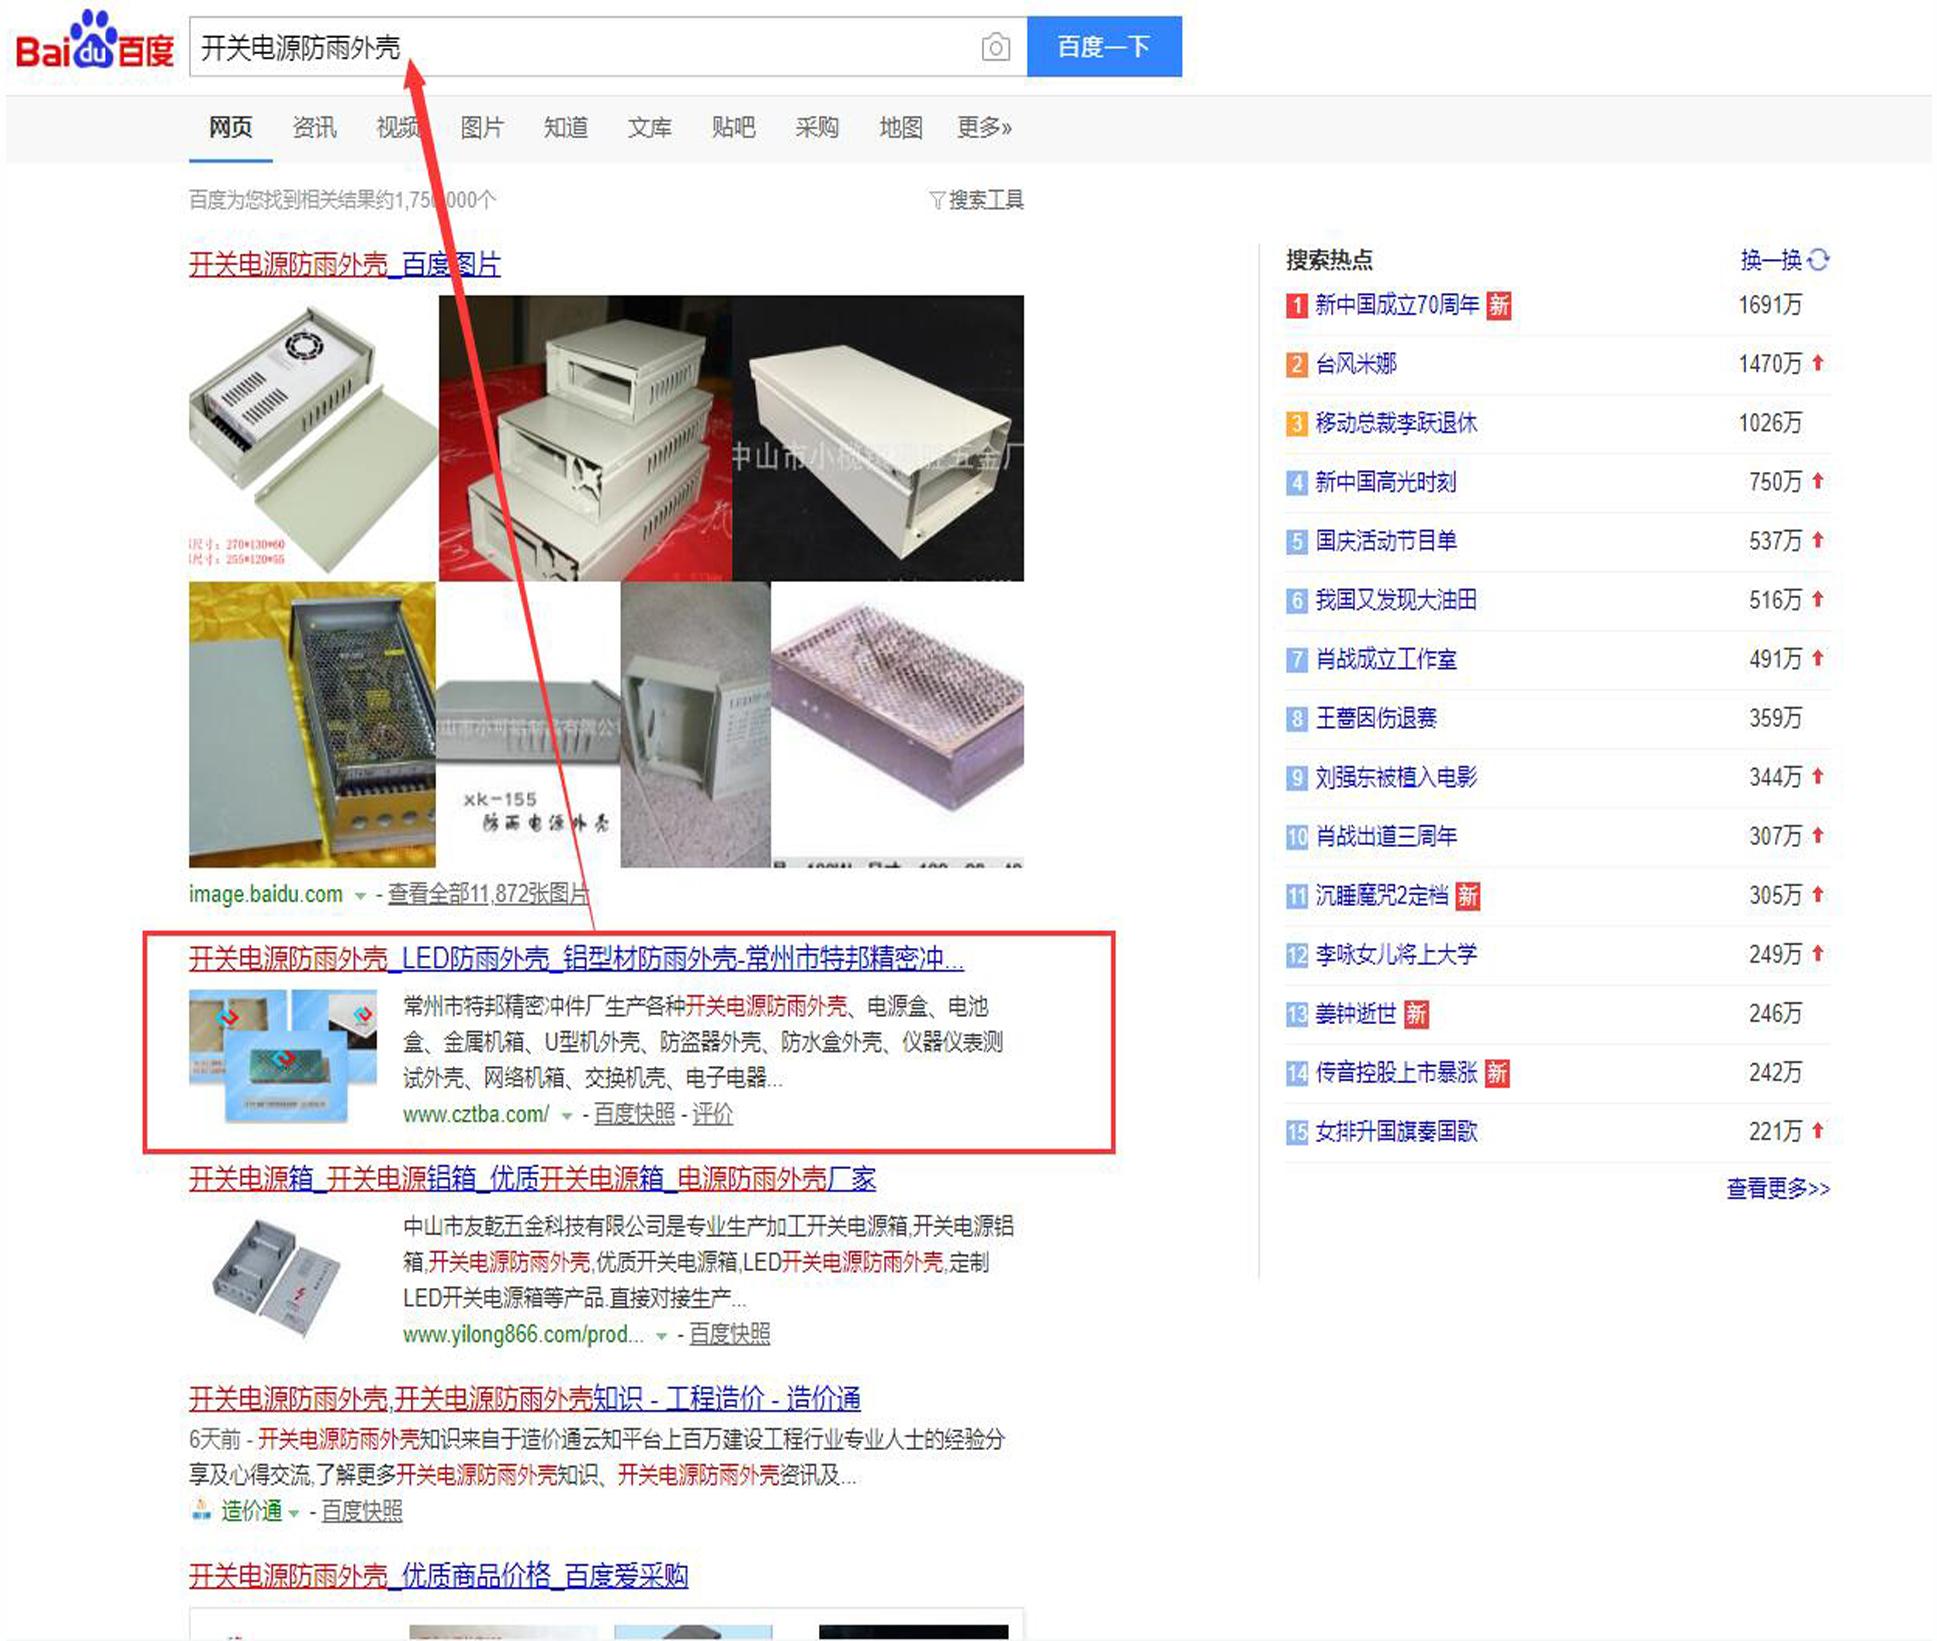 镇江大的百度优化公司